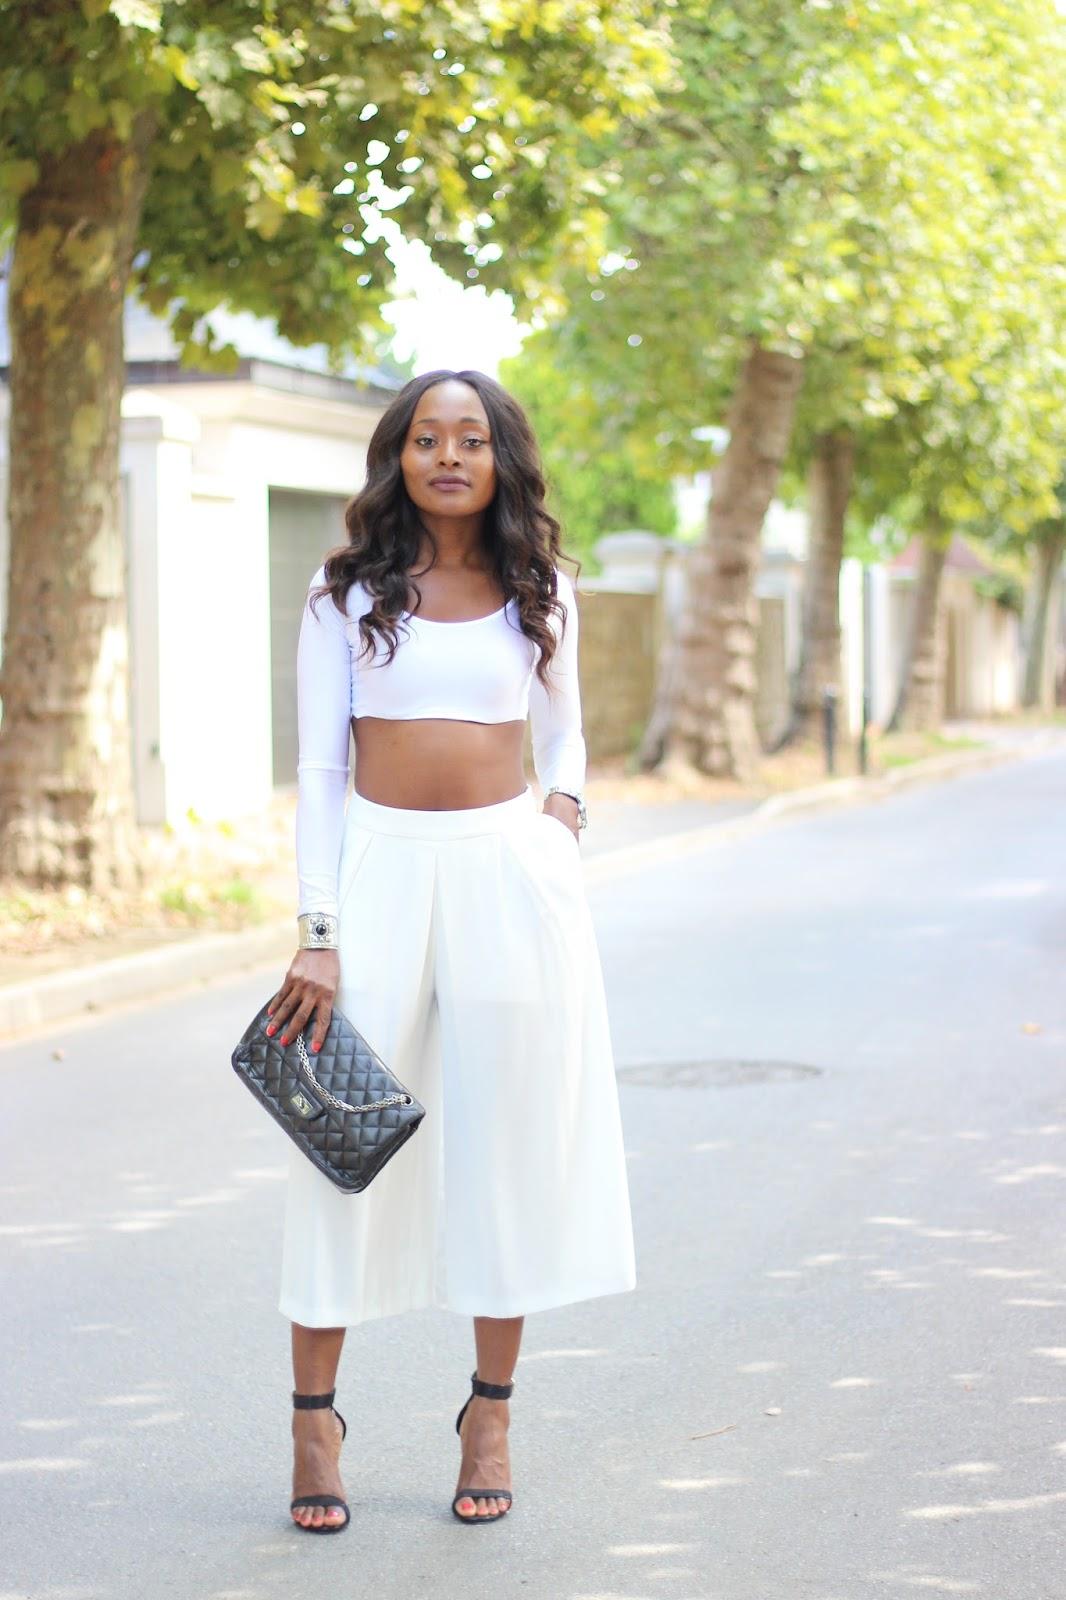 blogueuse de mode-blog de mode-les looks à la mode- linaose-modeuse